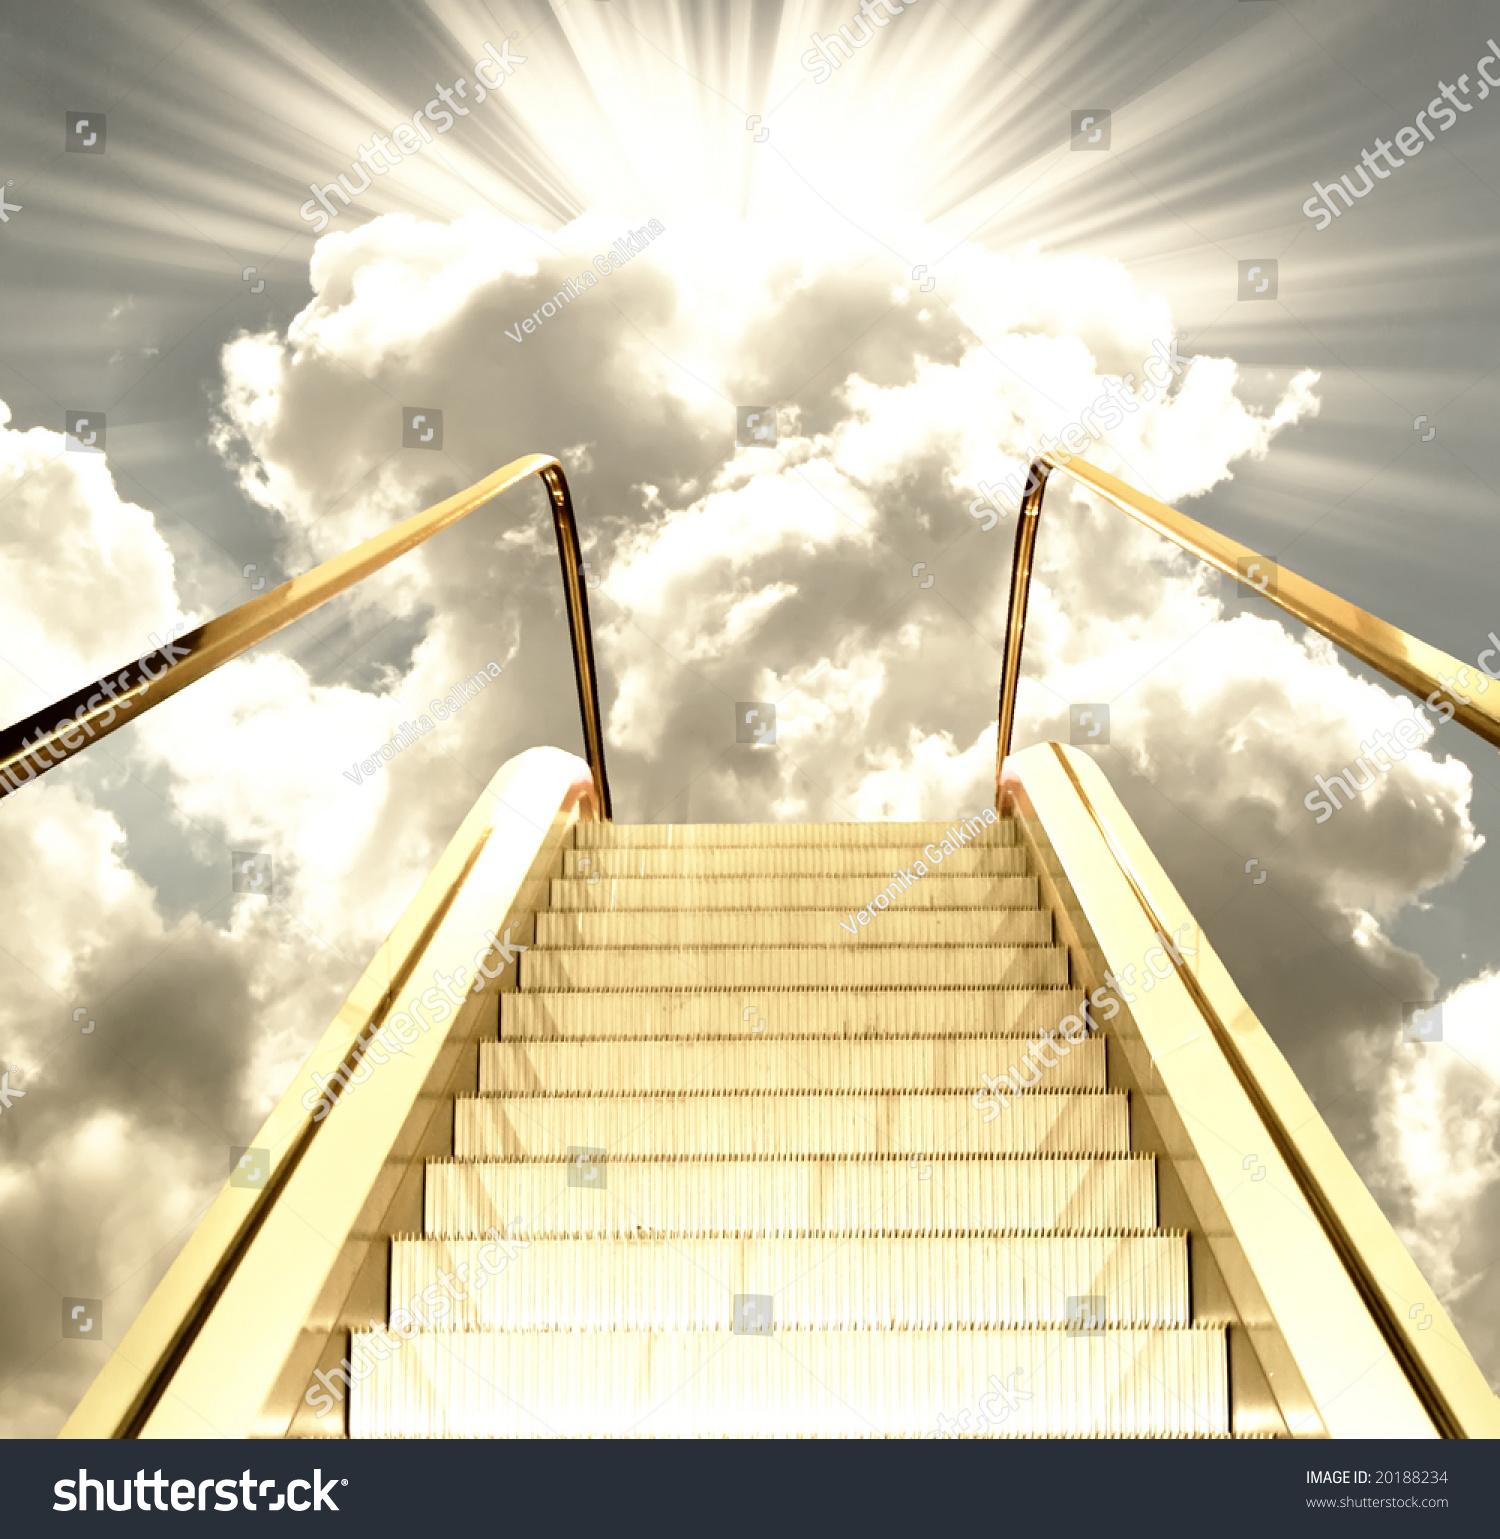 vkgoeswild stairway to heaven pdf